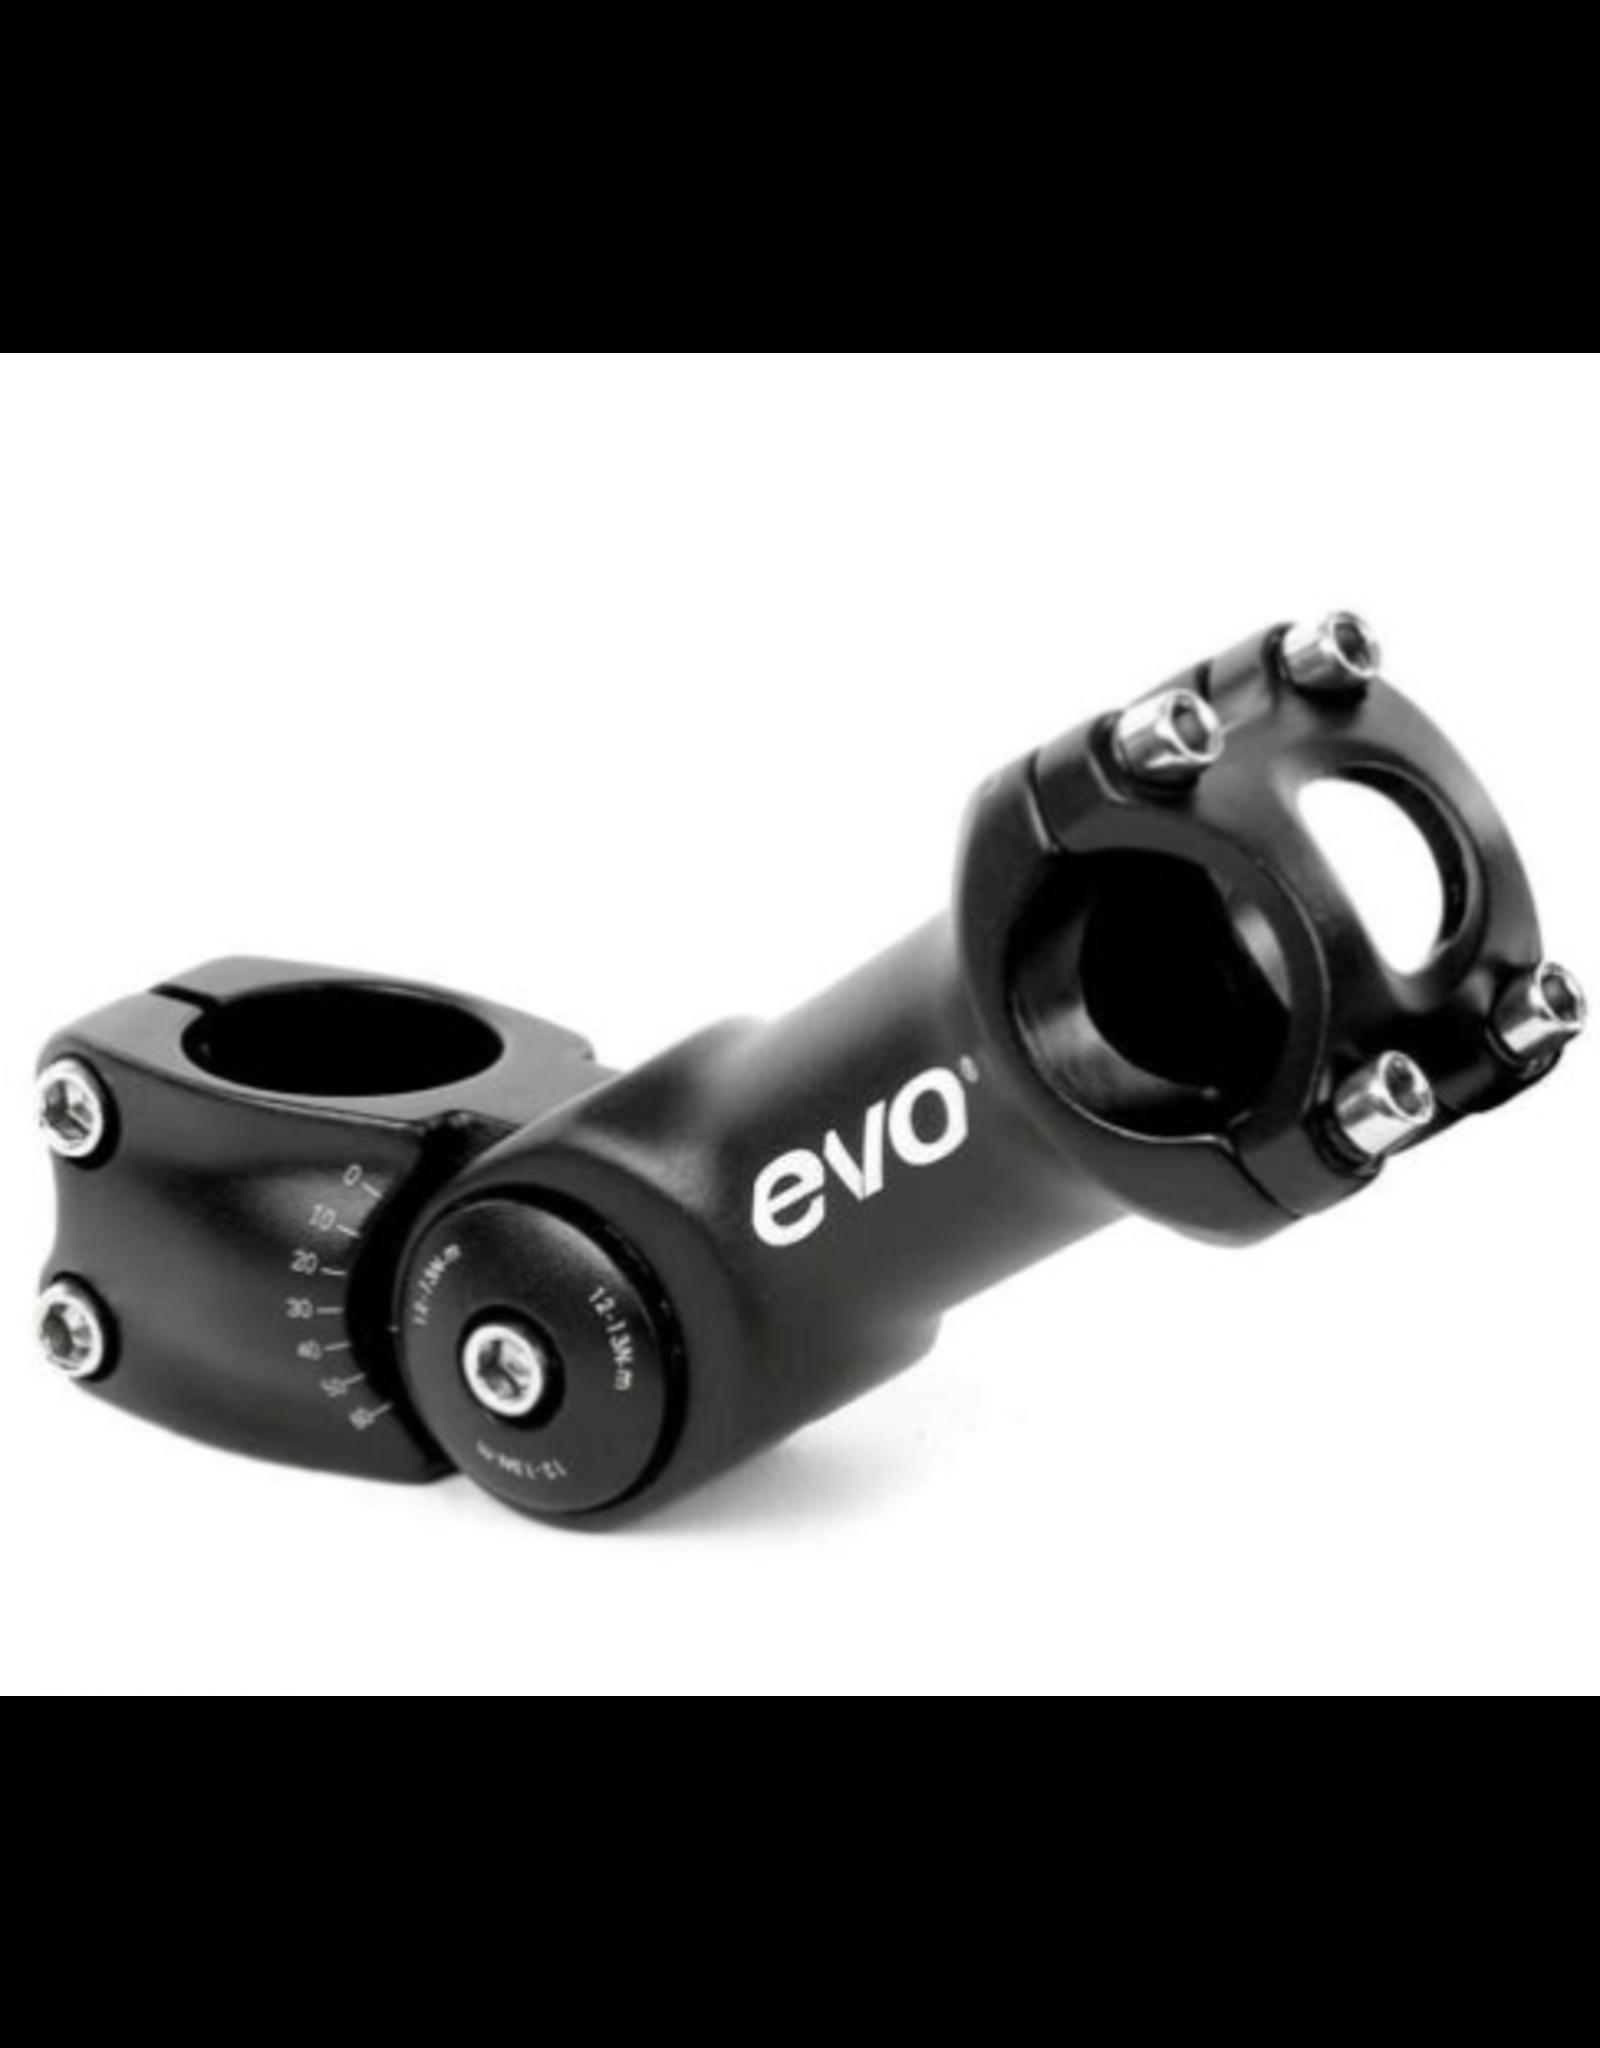 EVO EVO, Compact, Stem, Diameter: 31.8mm, Length: 110mm, Steerer: 1-1/8'', Black